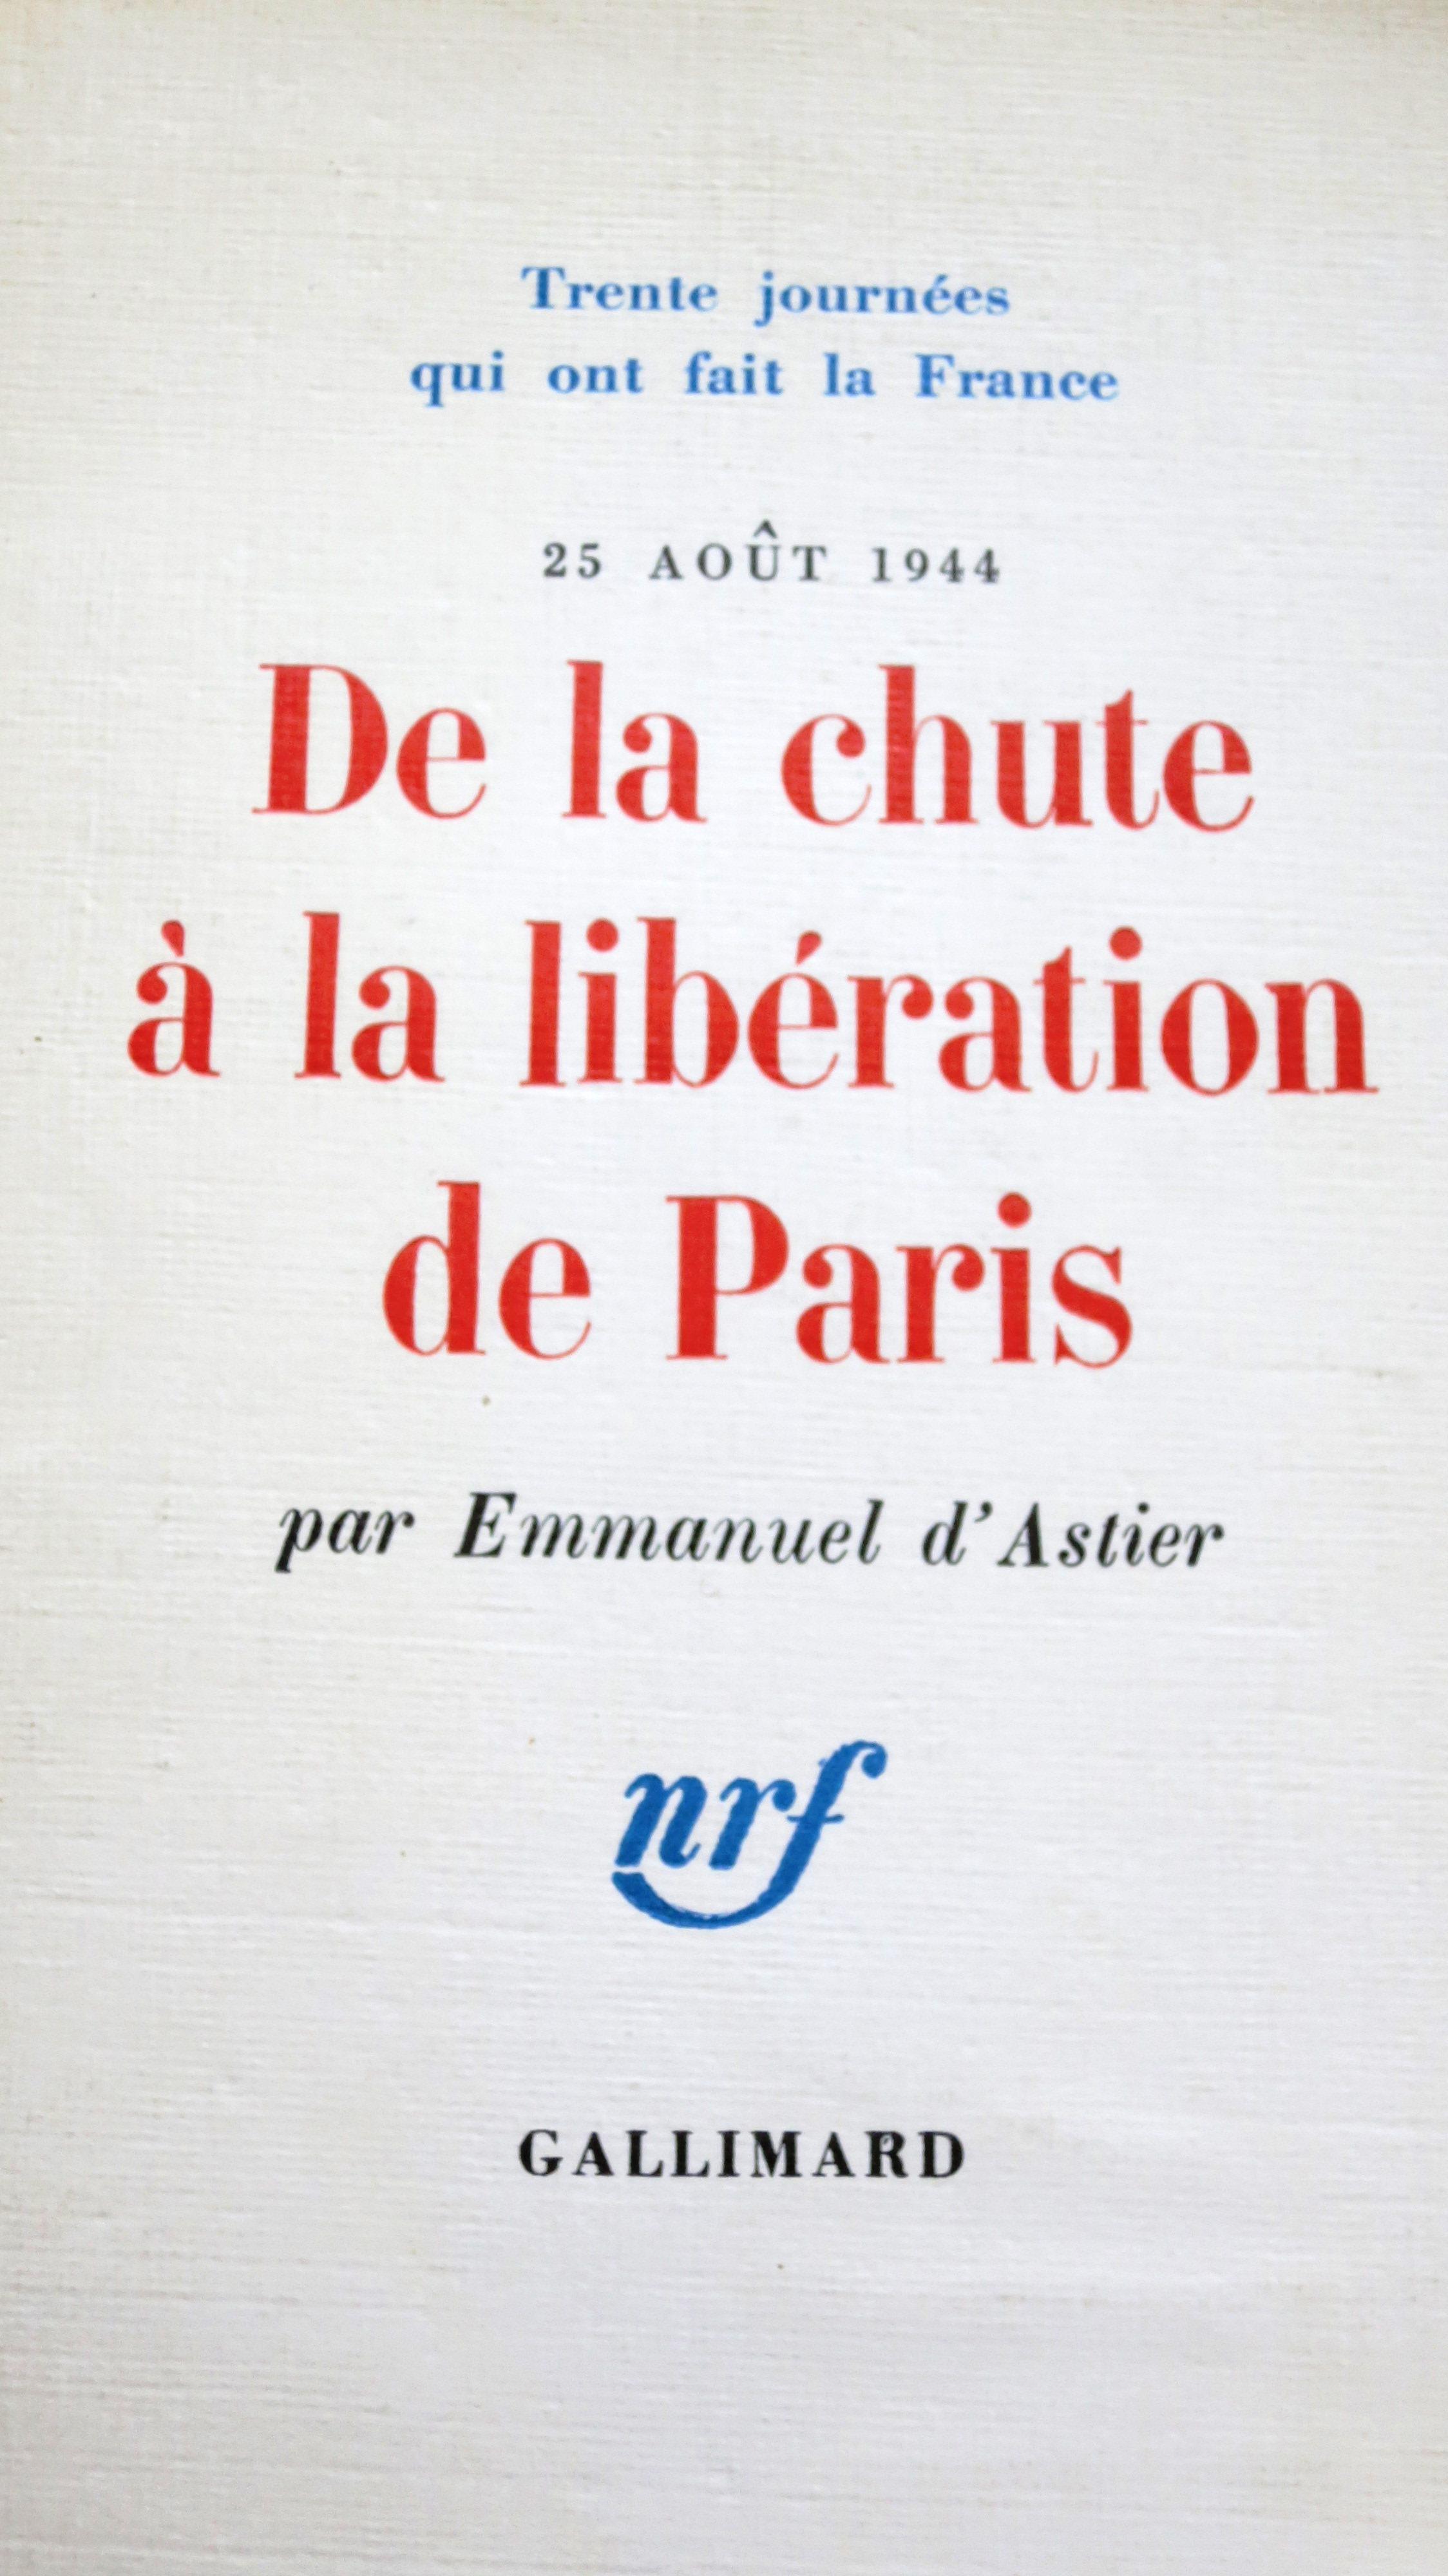 25 août 1944 De la chute à la libération de Paris